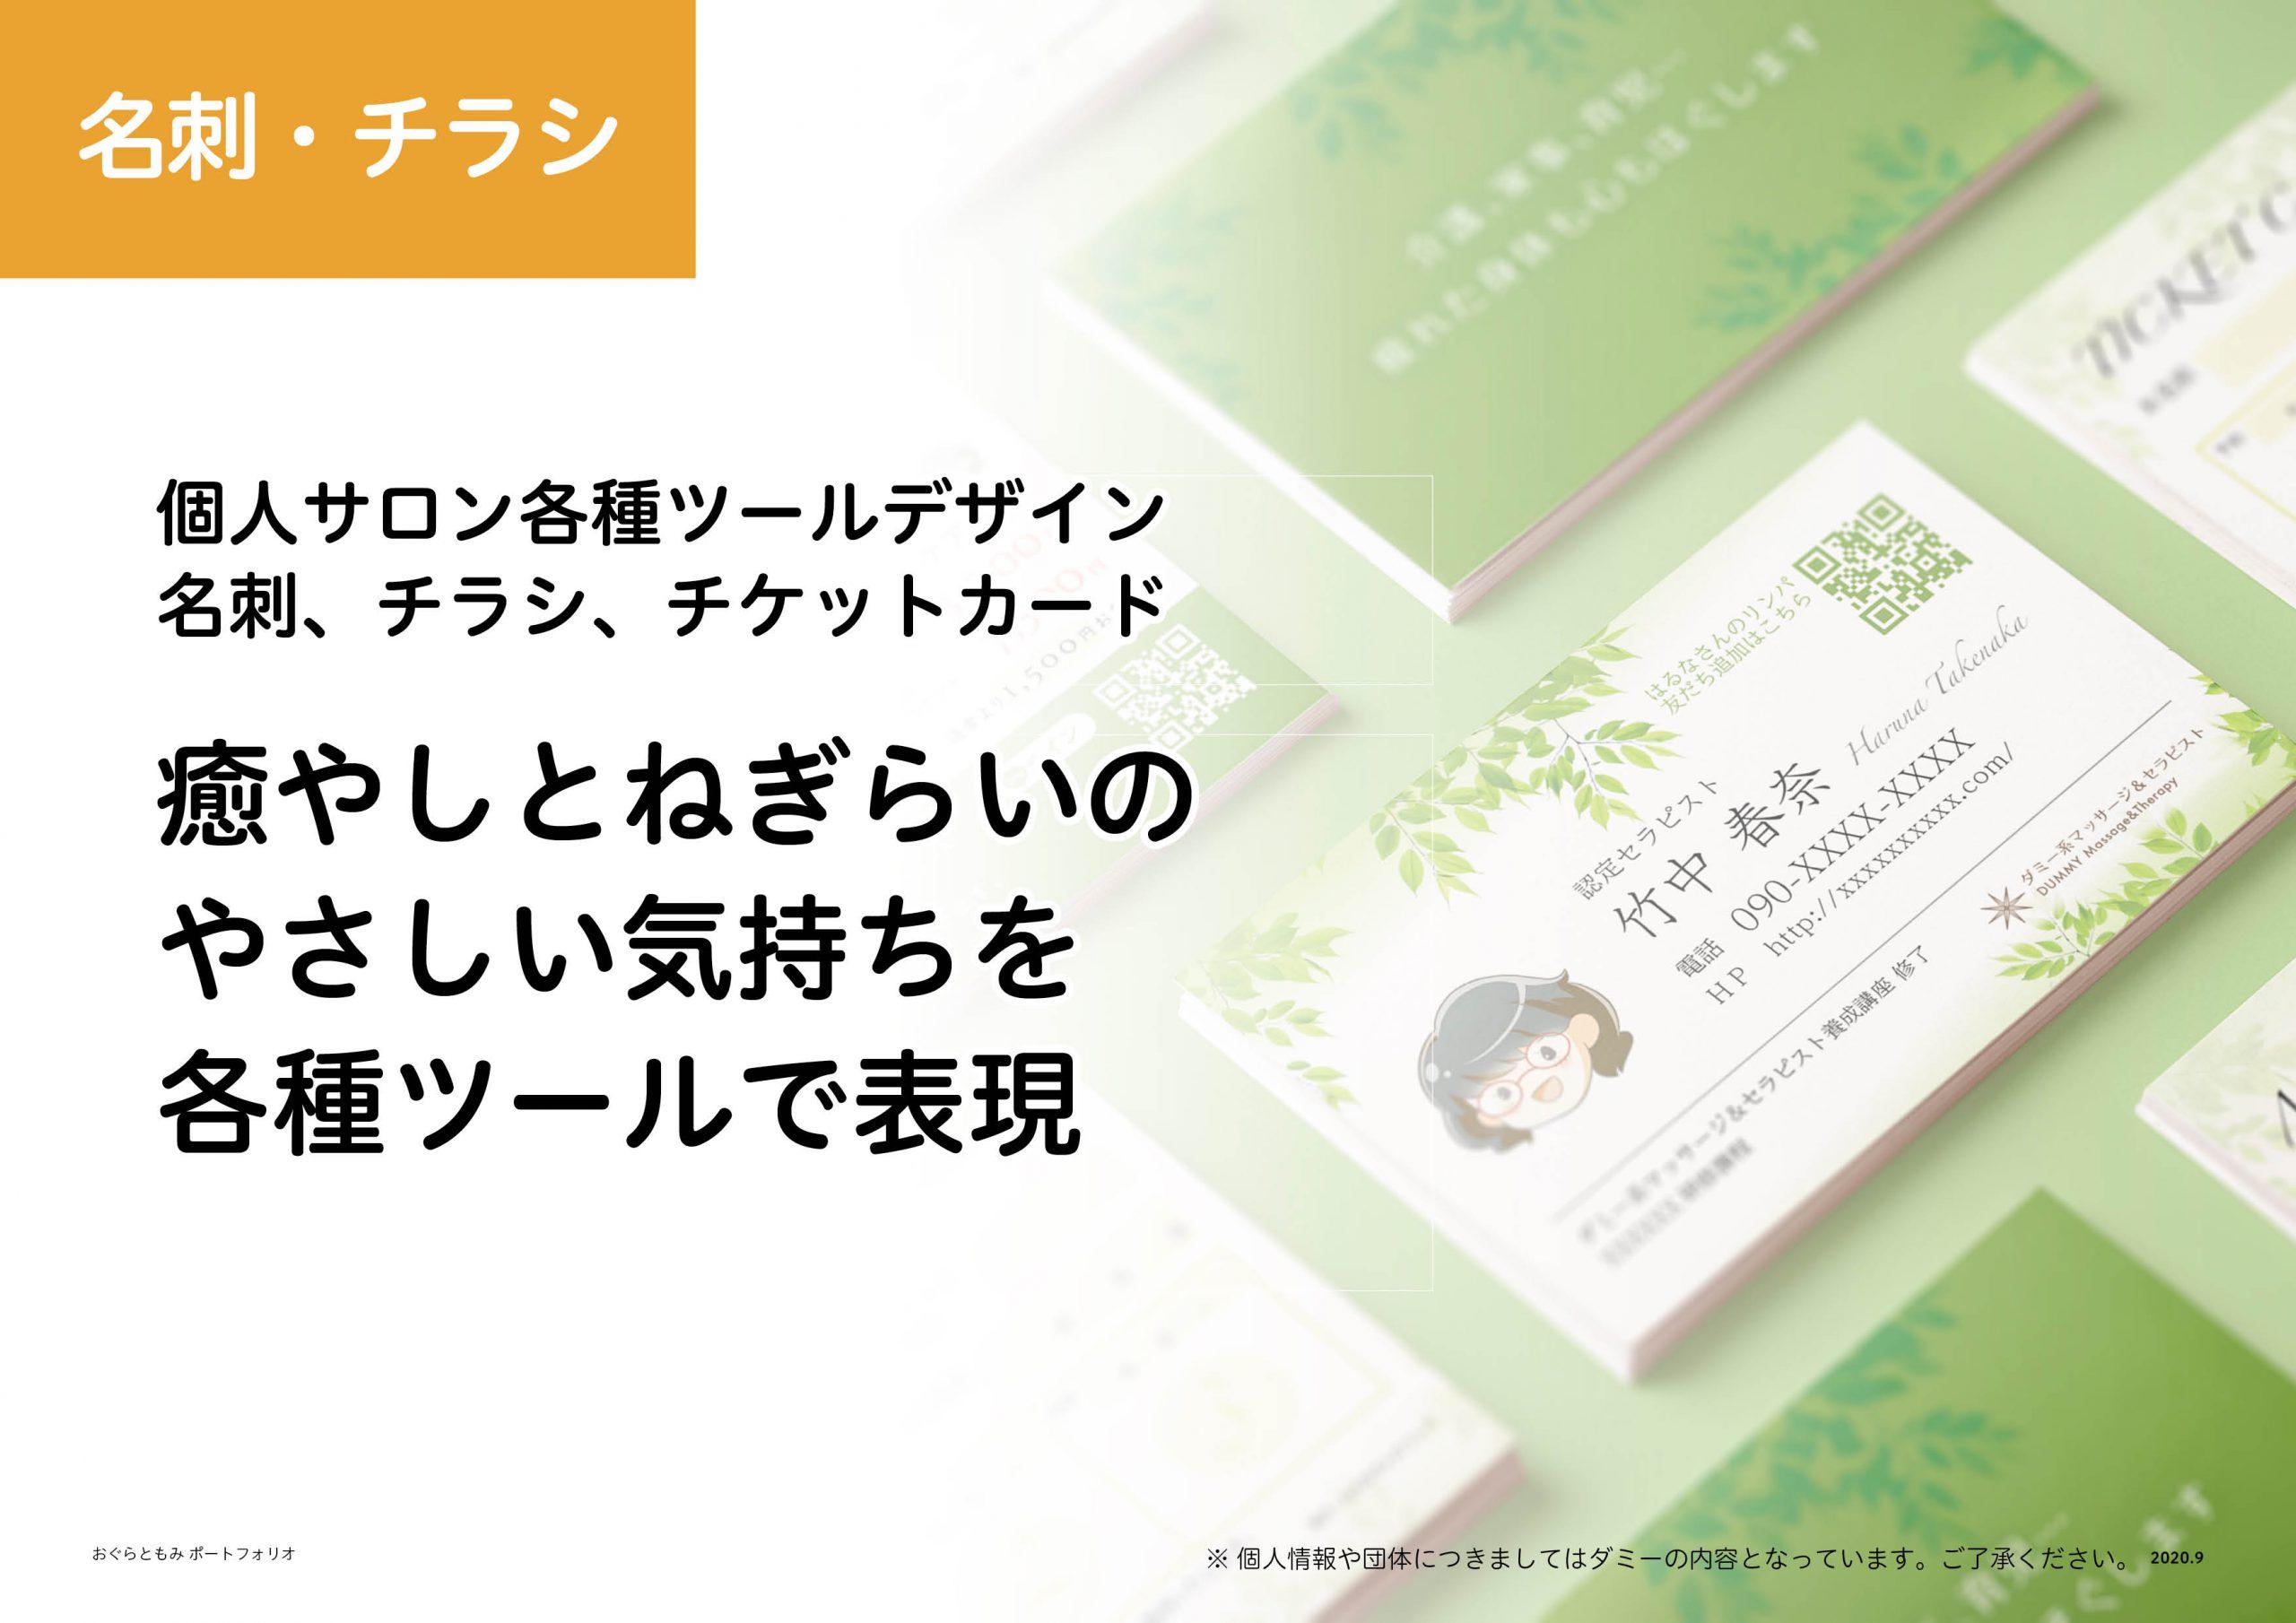 個人サロン各種ツールデザイン 名刺、チラシ、チケットカード